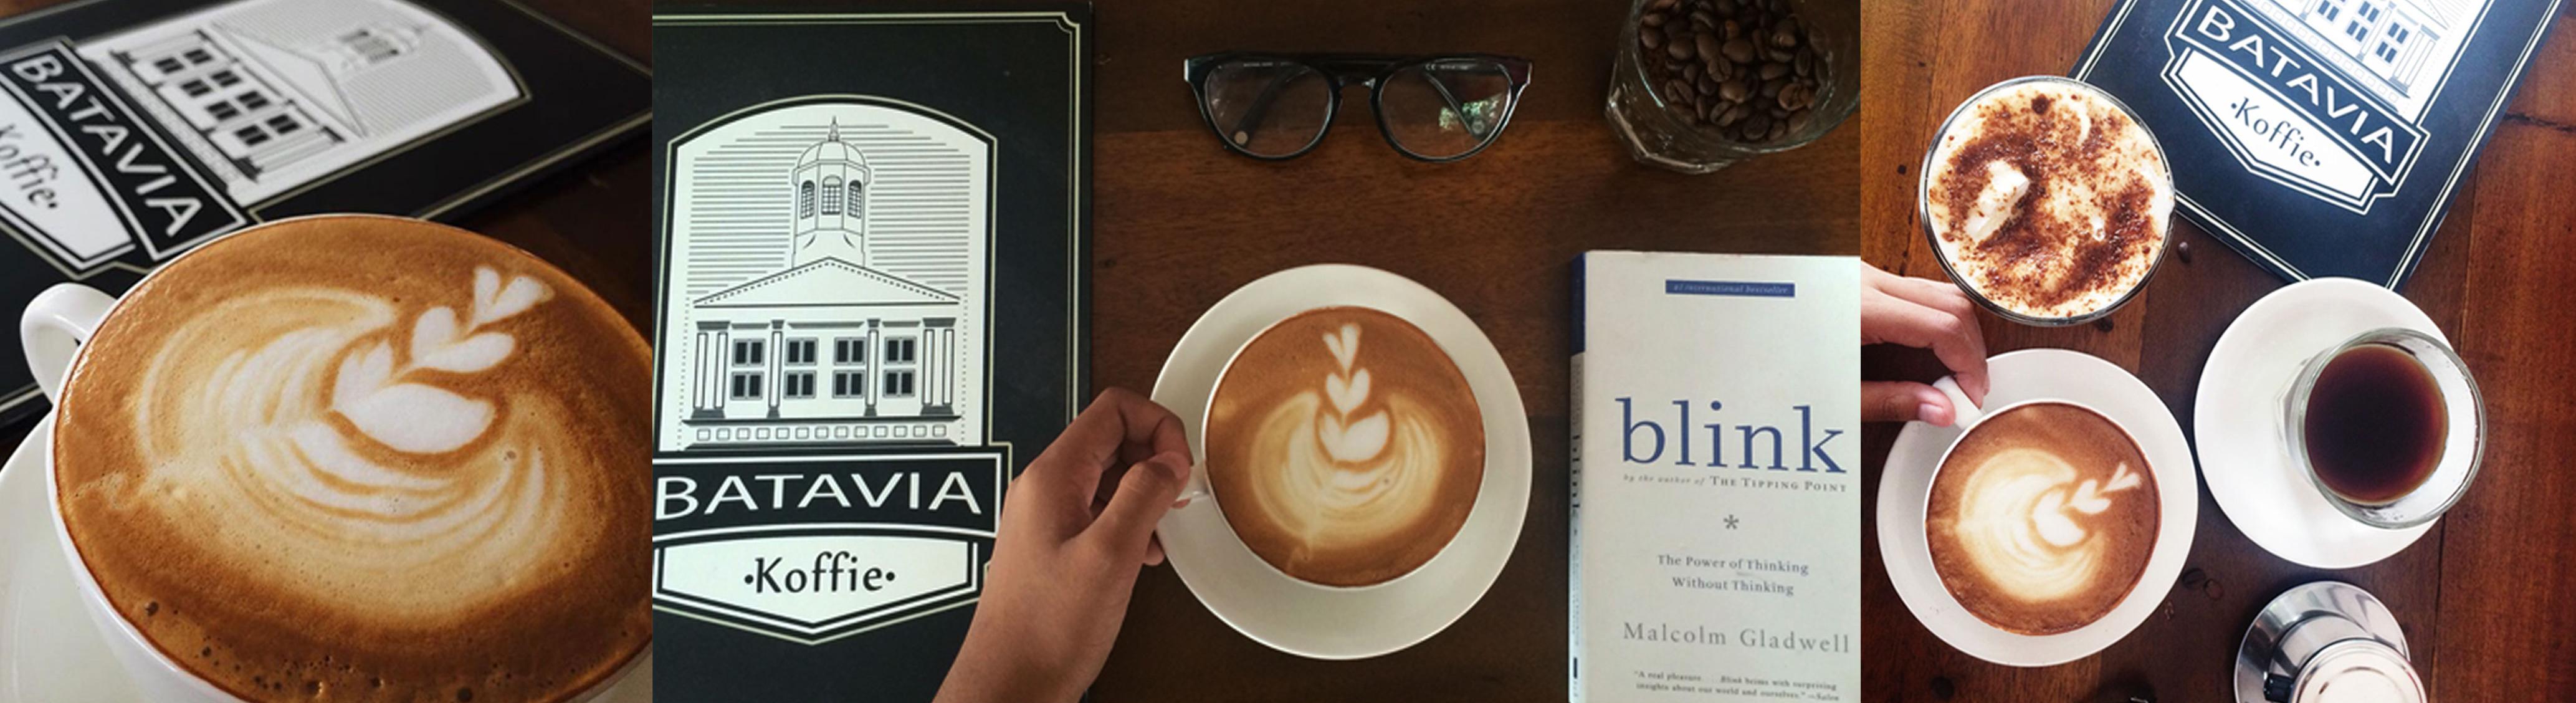 koffie ontlasting